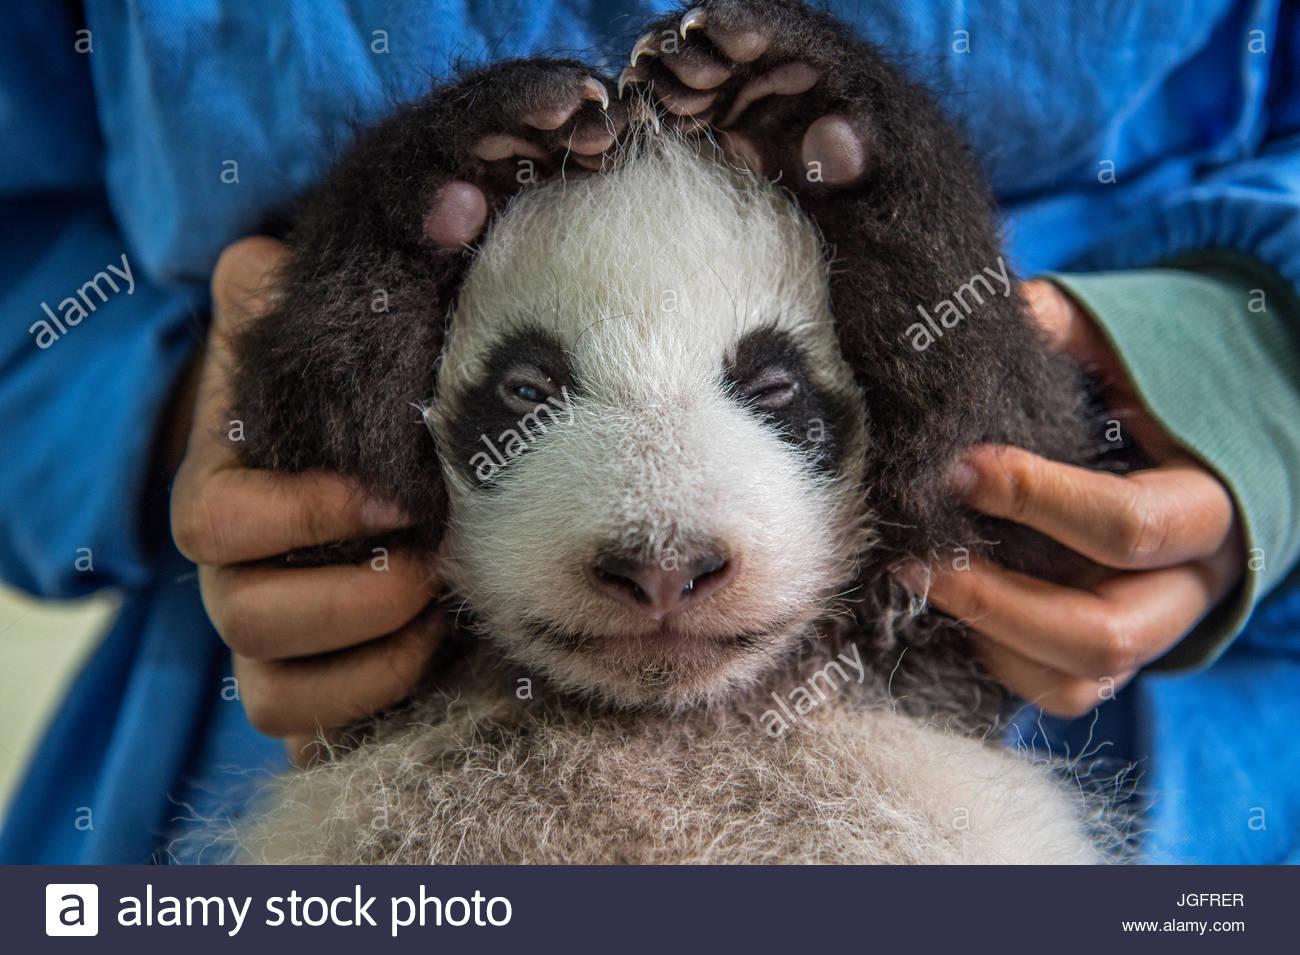 Un mese due vecchie panda gigante cub è curato a la Bifengxia Panda Gigante allevamento e centro di ricerca Immagini Stock